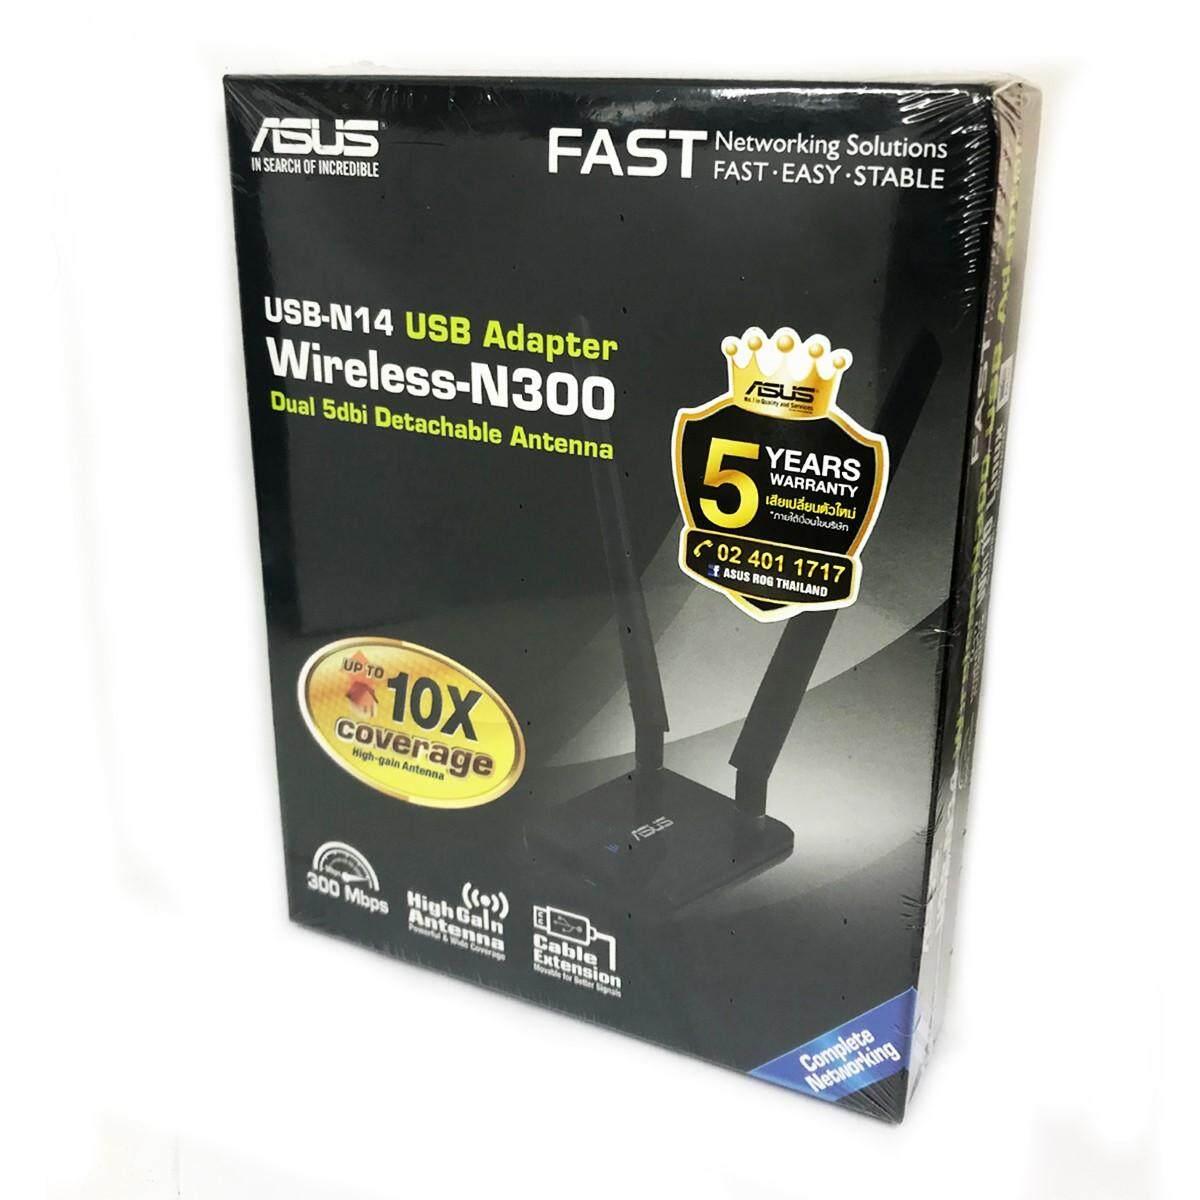 ASUS USB-N14 ส่งฟรีKERRYประกันศูนย์ 5ปี Wireless-N300 USB Adapter (2เสา ถอดเสาเปลี่ยนได้)